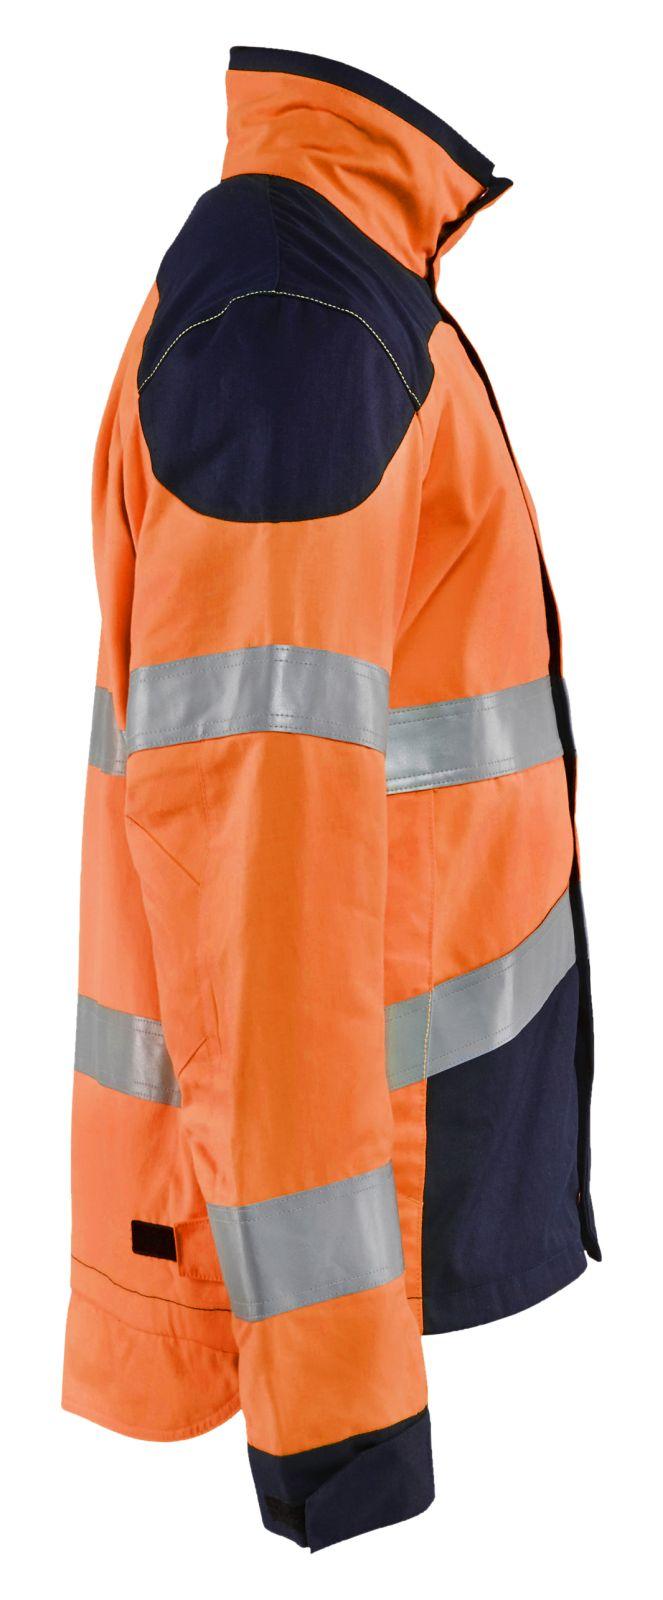 Blaklader Jassen 40891513 Multinorm fluo oranje-marineblauw(5389)